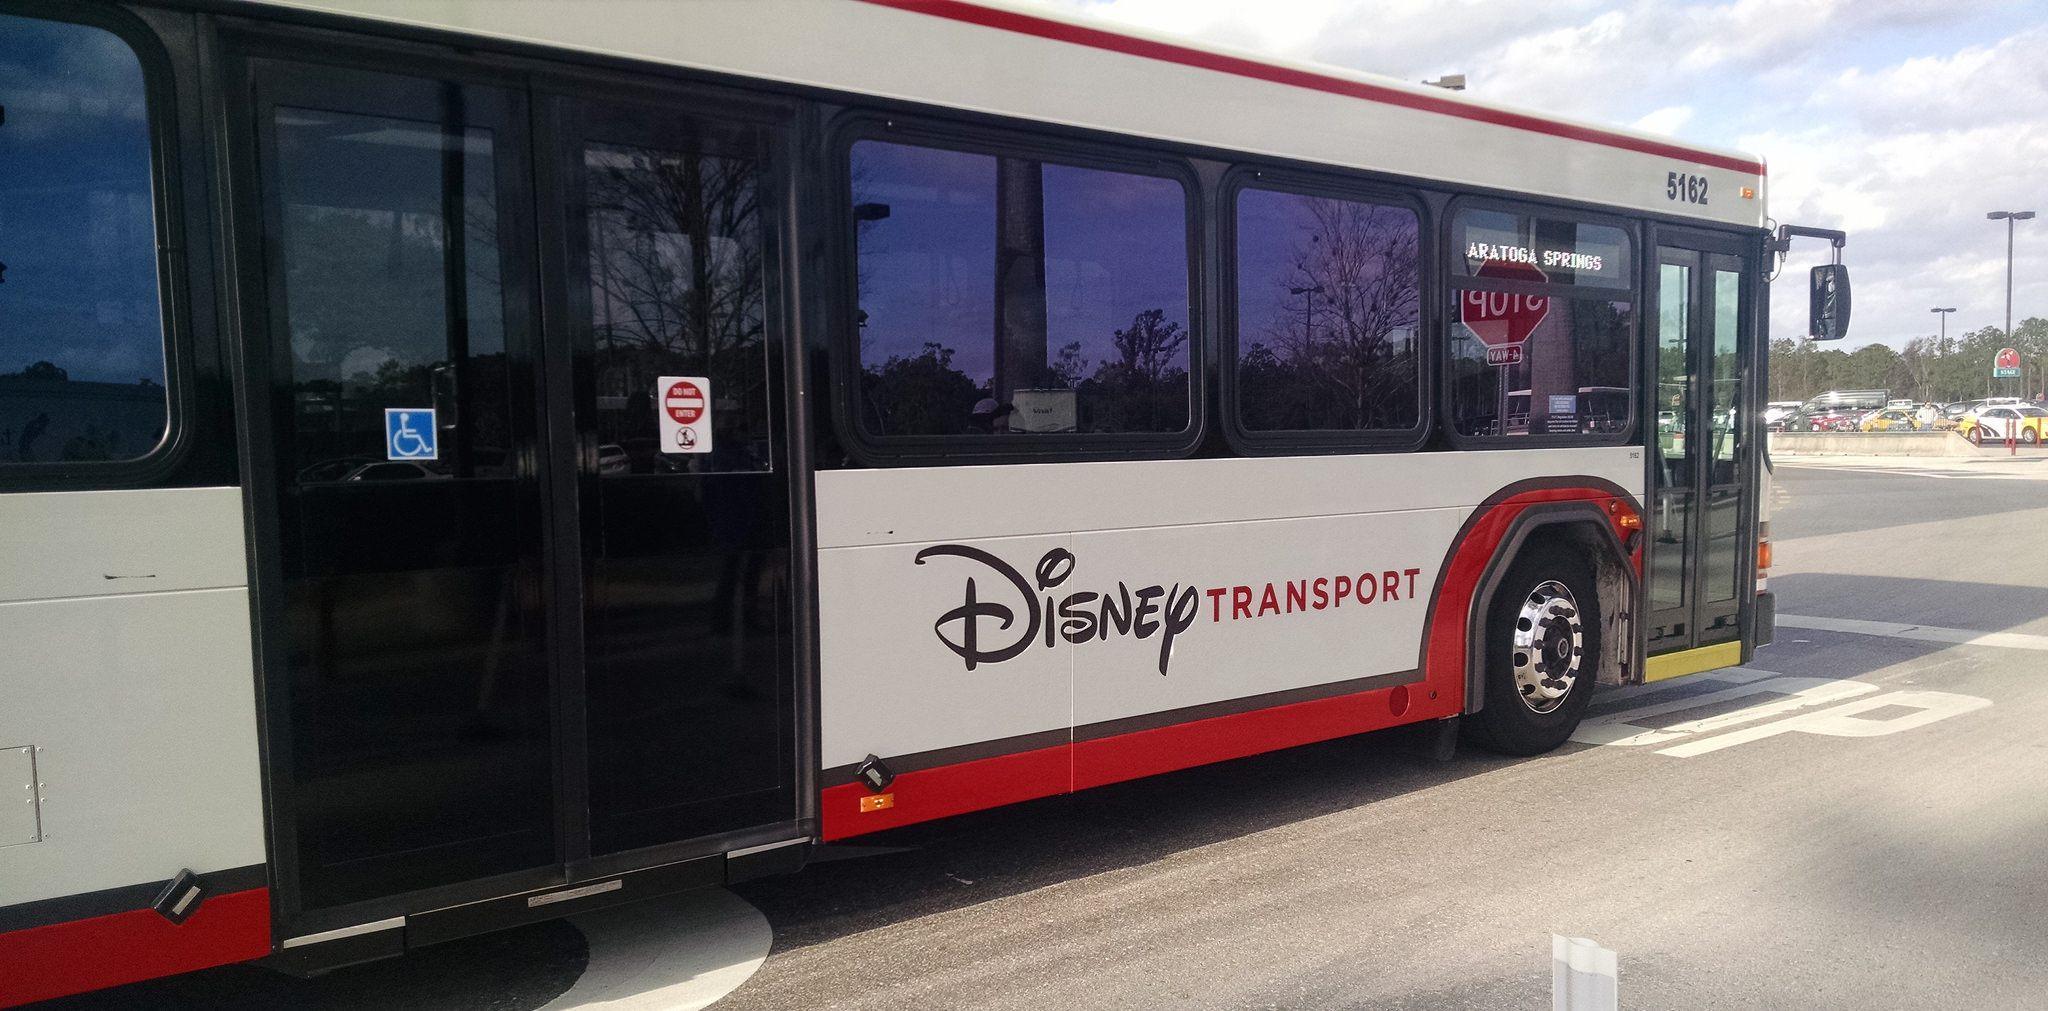 Disney Transport